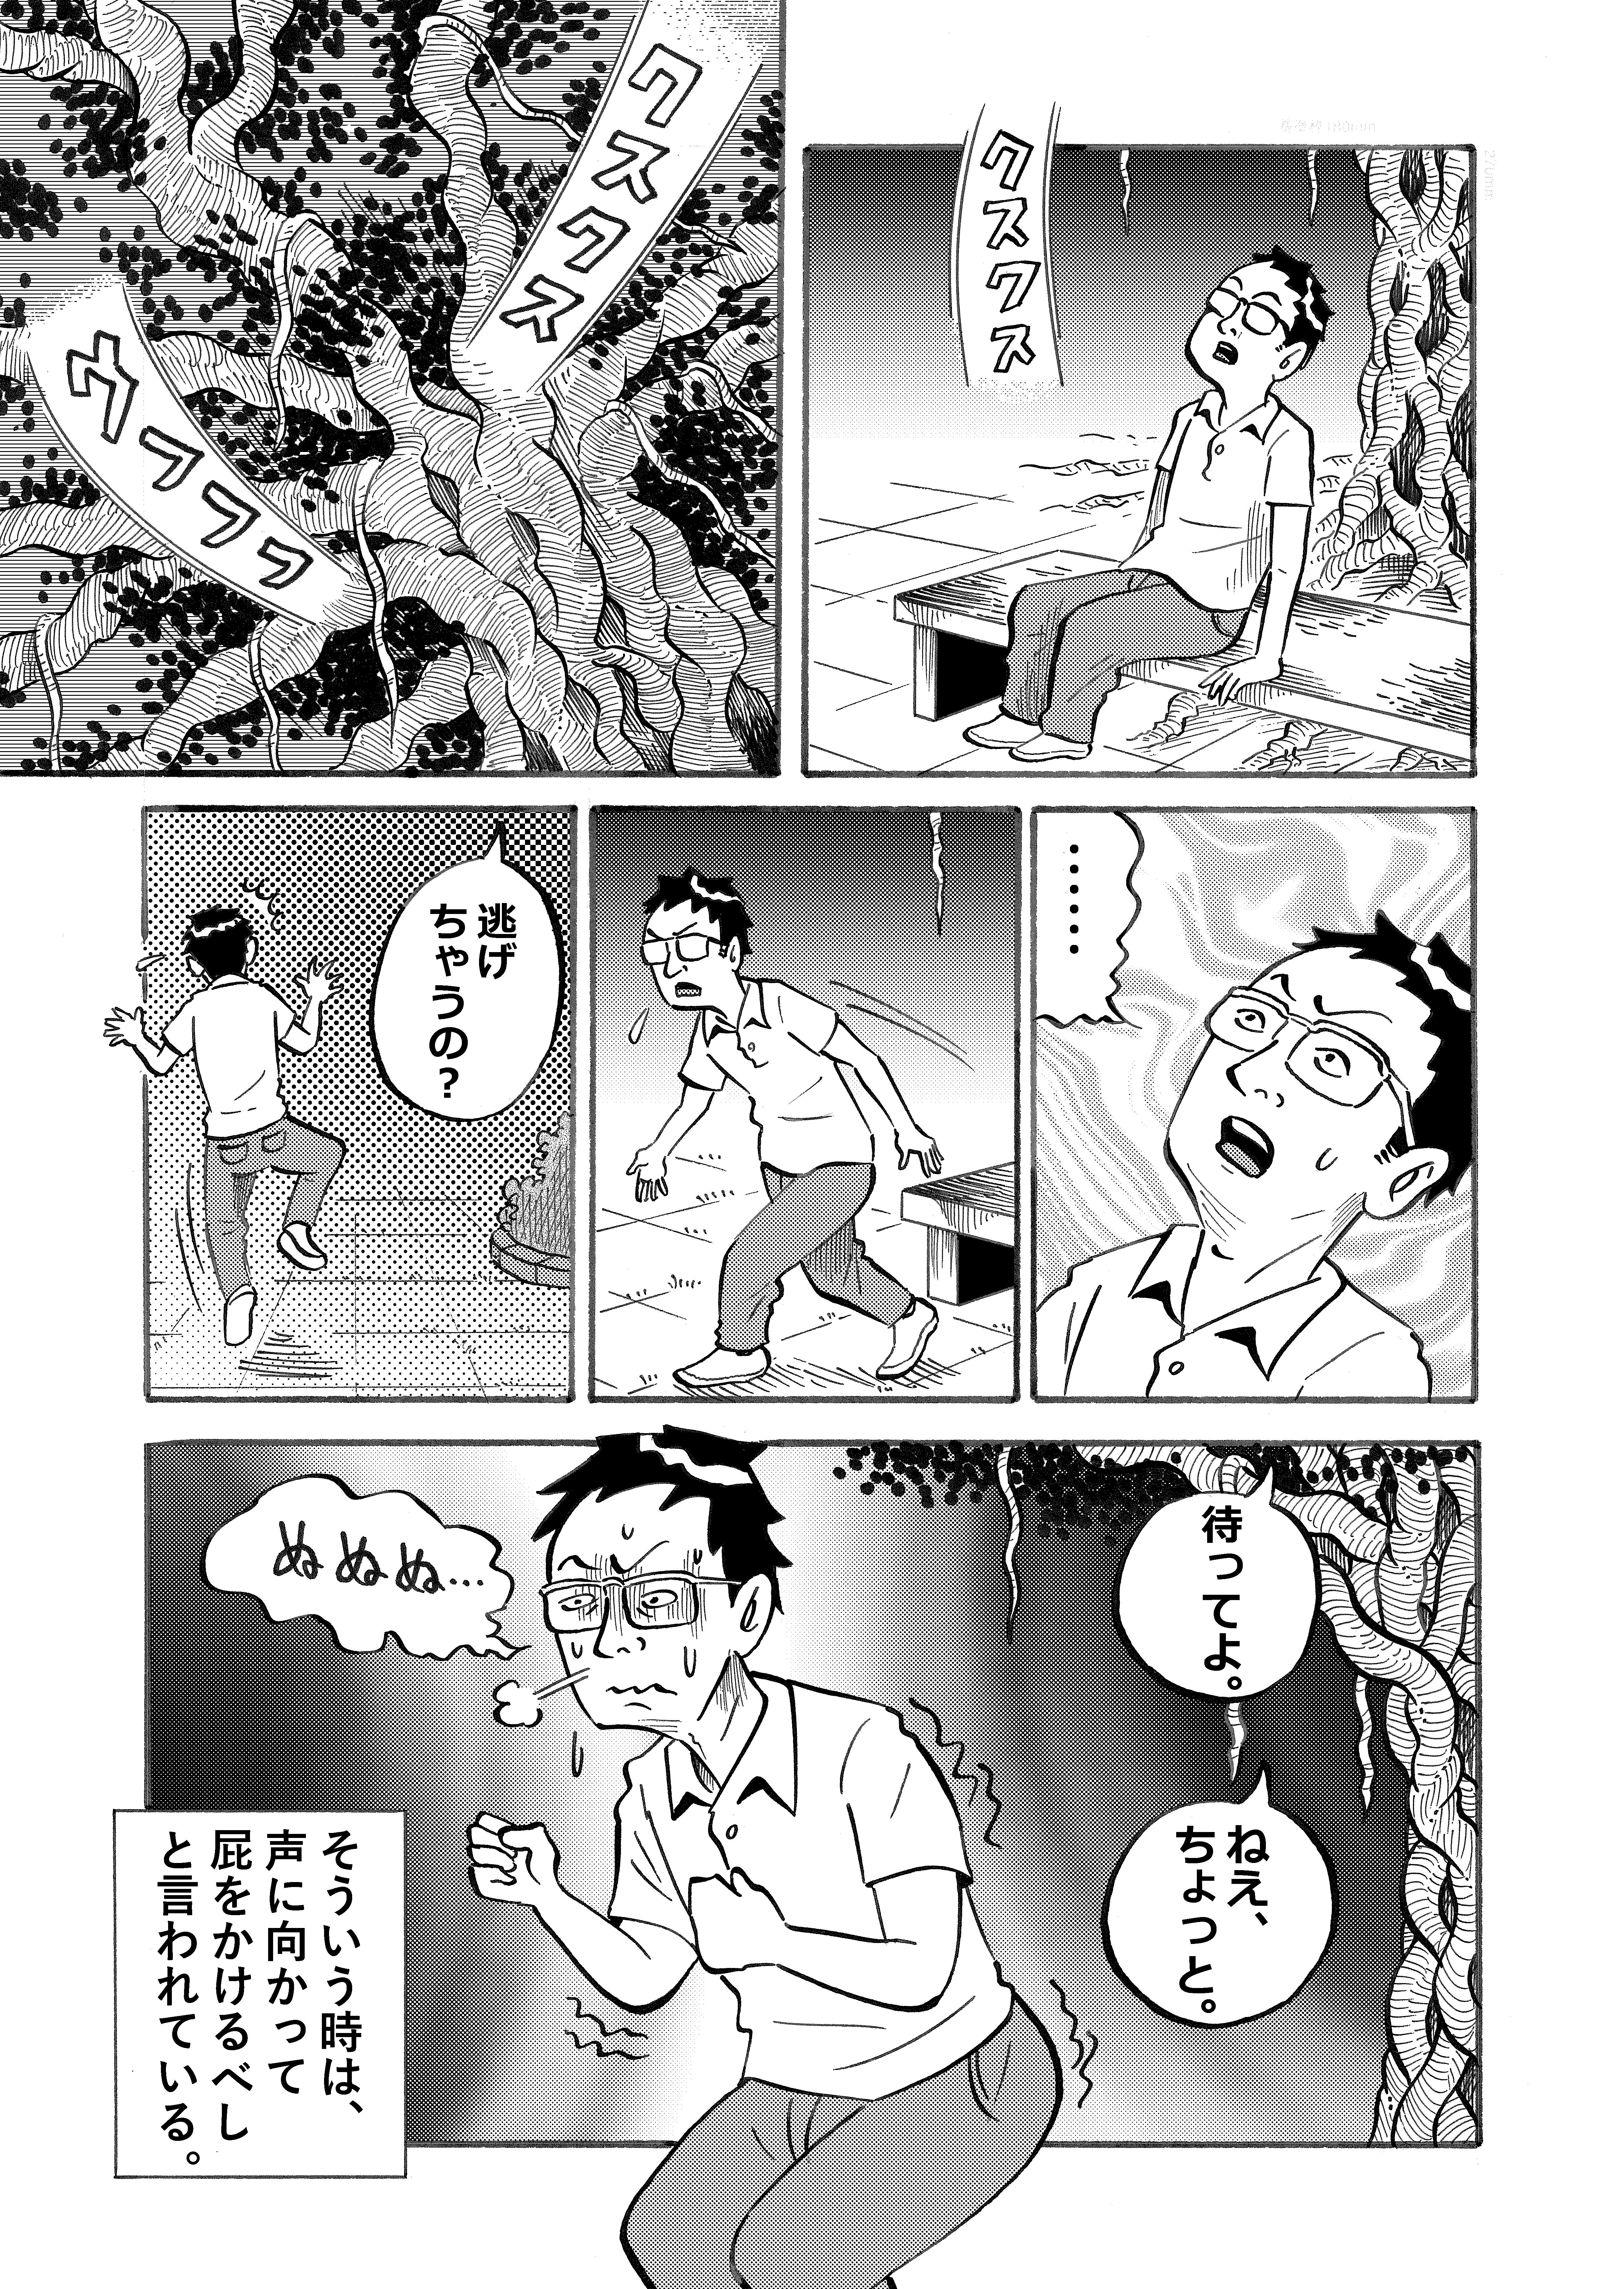 琉球怪談 WEB用書き下ろし2ページ目画像